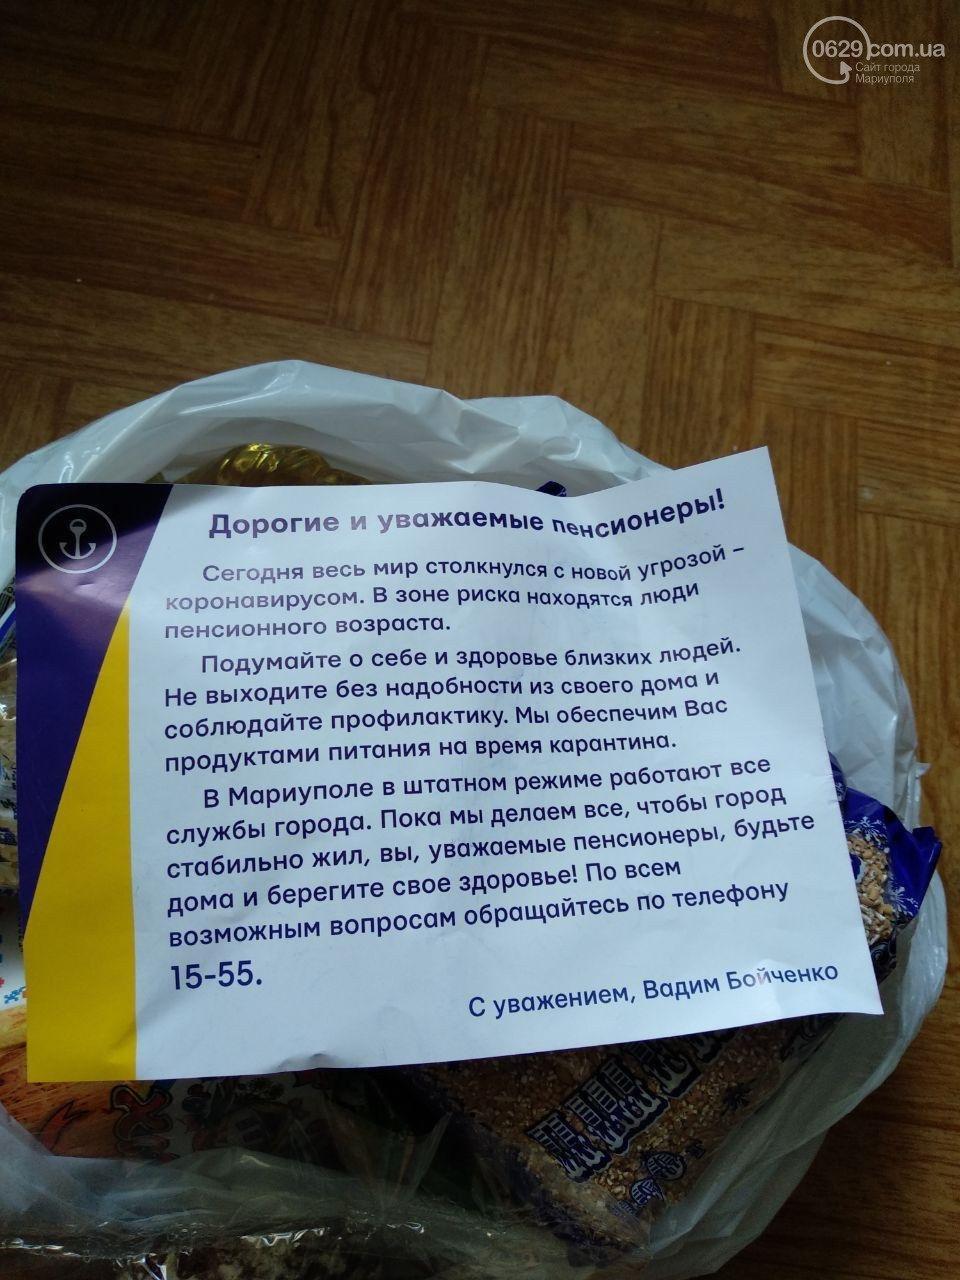 Почему во всем мире страны спасают экономику, а в Украине (и Мариуполе), - пенсионеров , фото-4